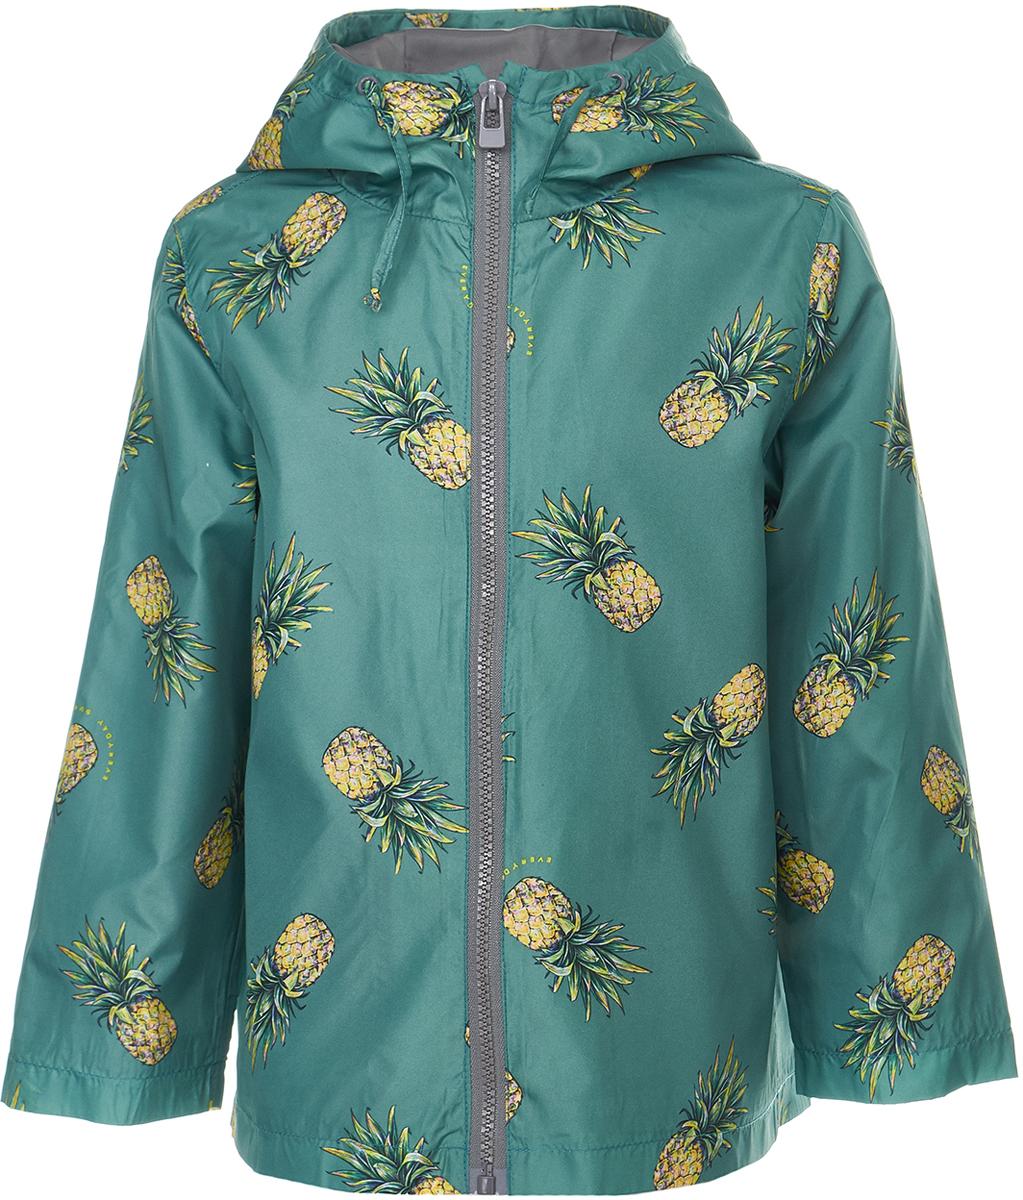 Ветровка для девочки Button Blue, цвет: бирюзовый. 118BBGC40040013. Размер 128118BBGC40040013Яркая и позитивная куртка-ветровка всегда поднимет настроение, даже в самый ветреный и дождливый день! Модель с длинными рукавами и капюшоном застегивается на молнию. Куртка может похвастать не только модным дизайном и оригинальным рисунком, она удобная, свободная и дарит своей владелице максимальный комфорт. Отличный вариант для того, кто ищет качественную вещь по выгодной цене.